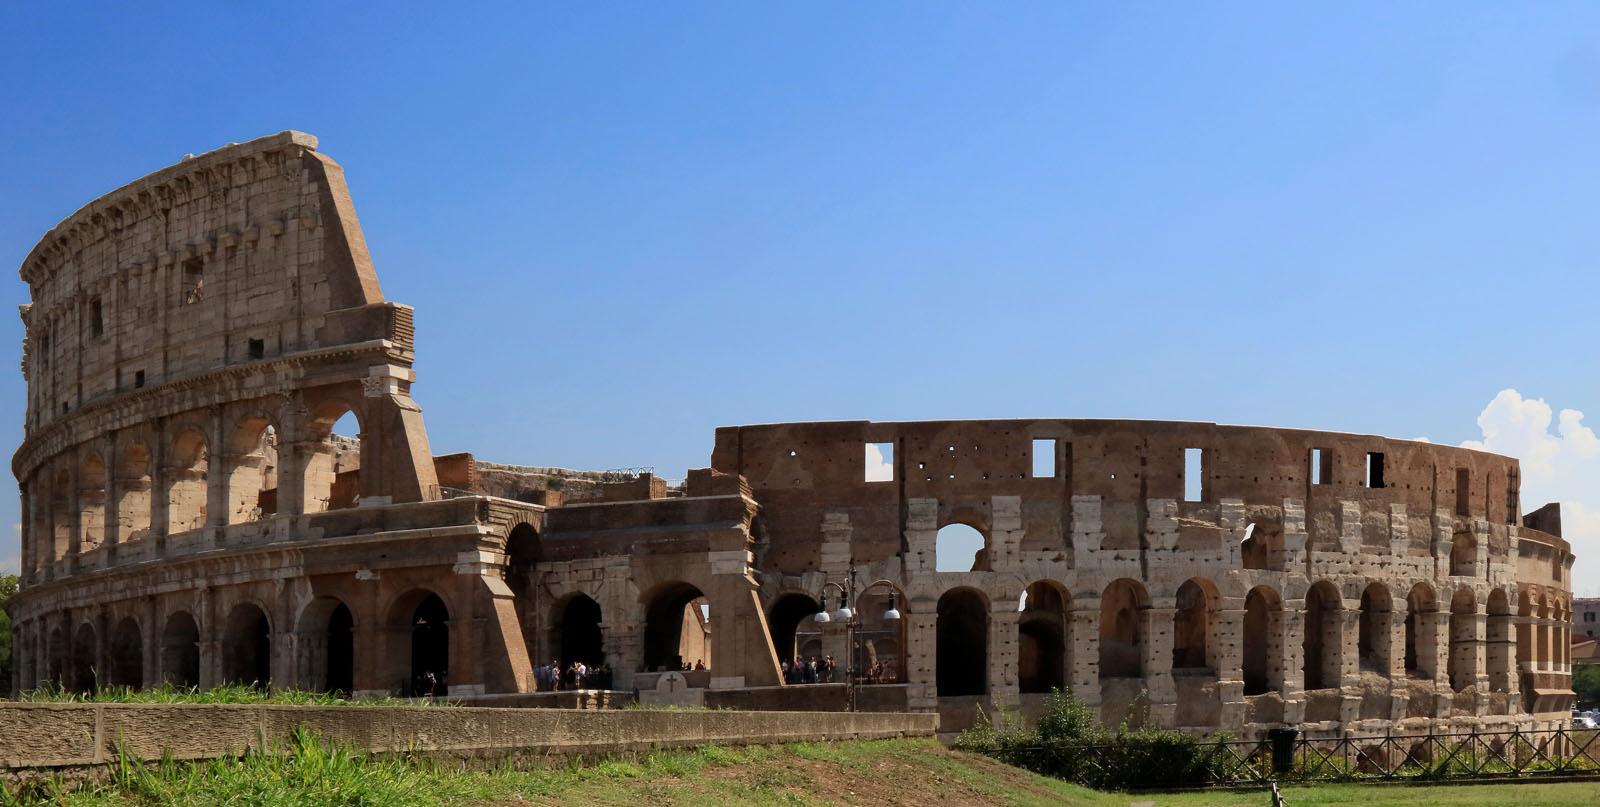 Il ministro Alberto Bonisoli vuole più vigilanza armata intorno al Colosseo